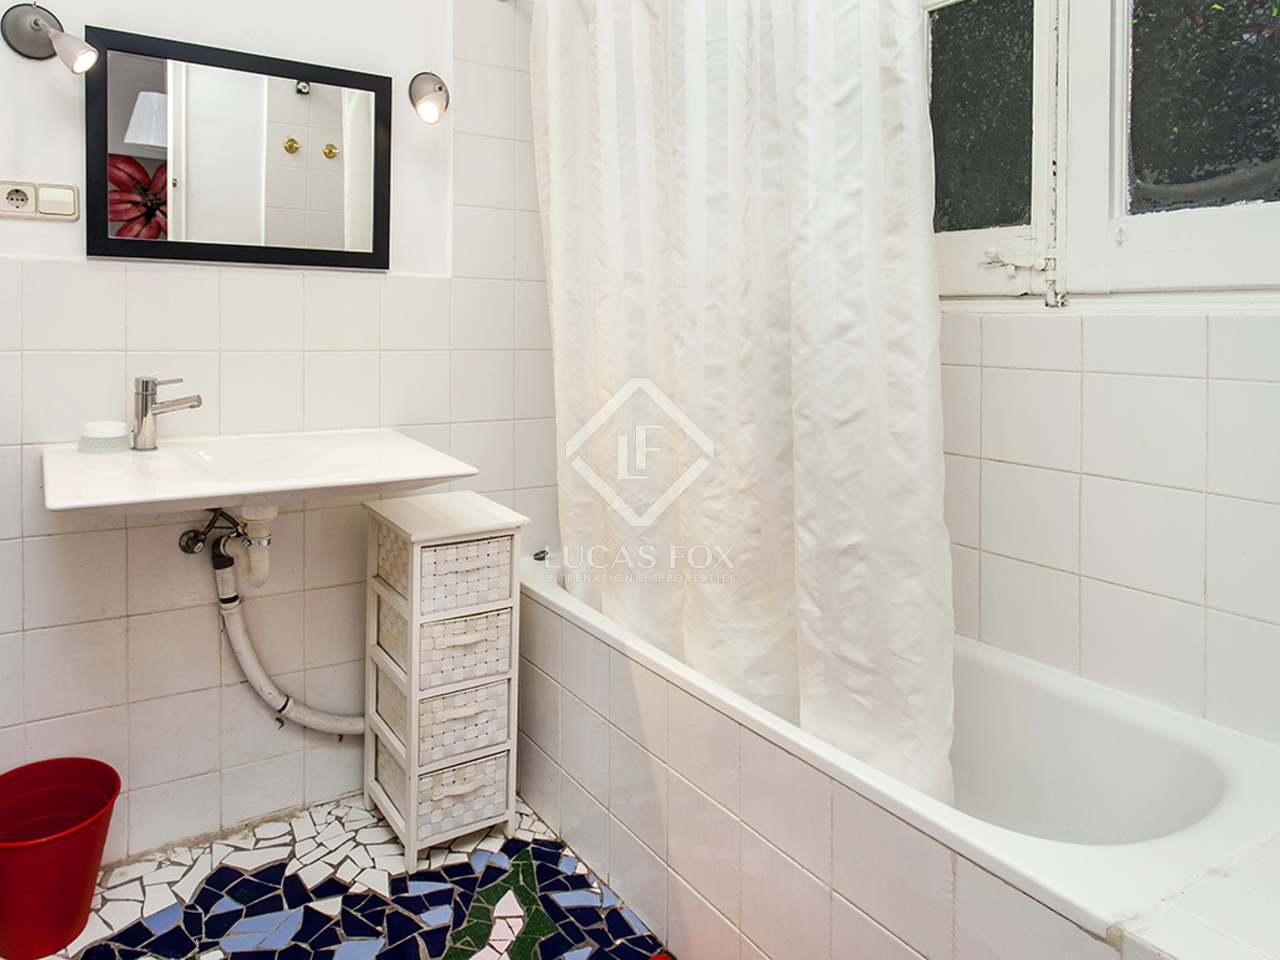 Apartamento amueblado en alquiler en el eixample barcelona - Alquiler pisos barcelona particulares amueblado ...